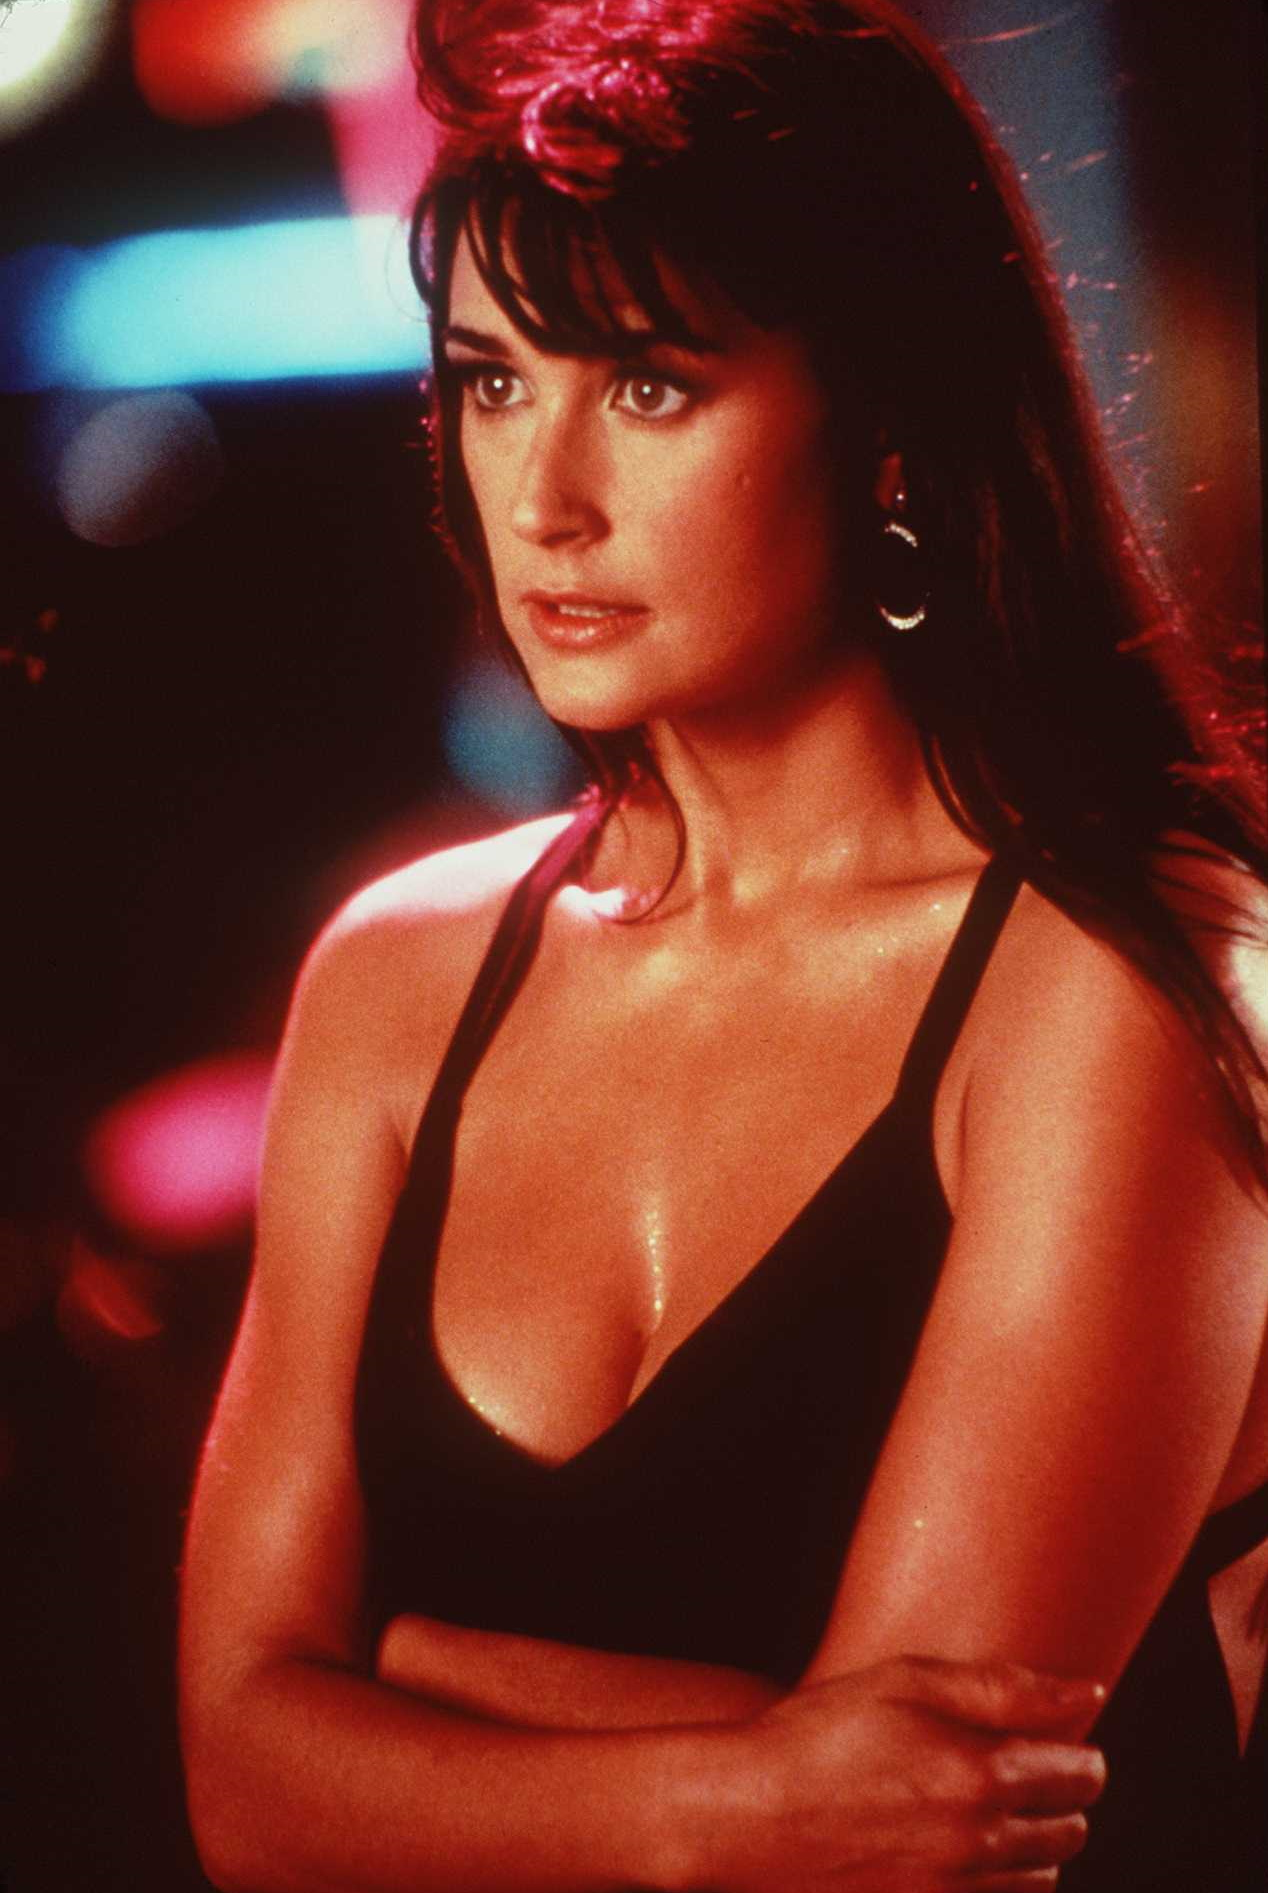 <p><strong>Деми Мур</strong></p>  <p>Актрисата и бивша съпруга на Брус Уилис доказа през 90-те години, че е жената, която изглежда зашеметяващо добре както с дълга коса, така и с обръсната глава.</p>  <p>&nbsp;</p>